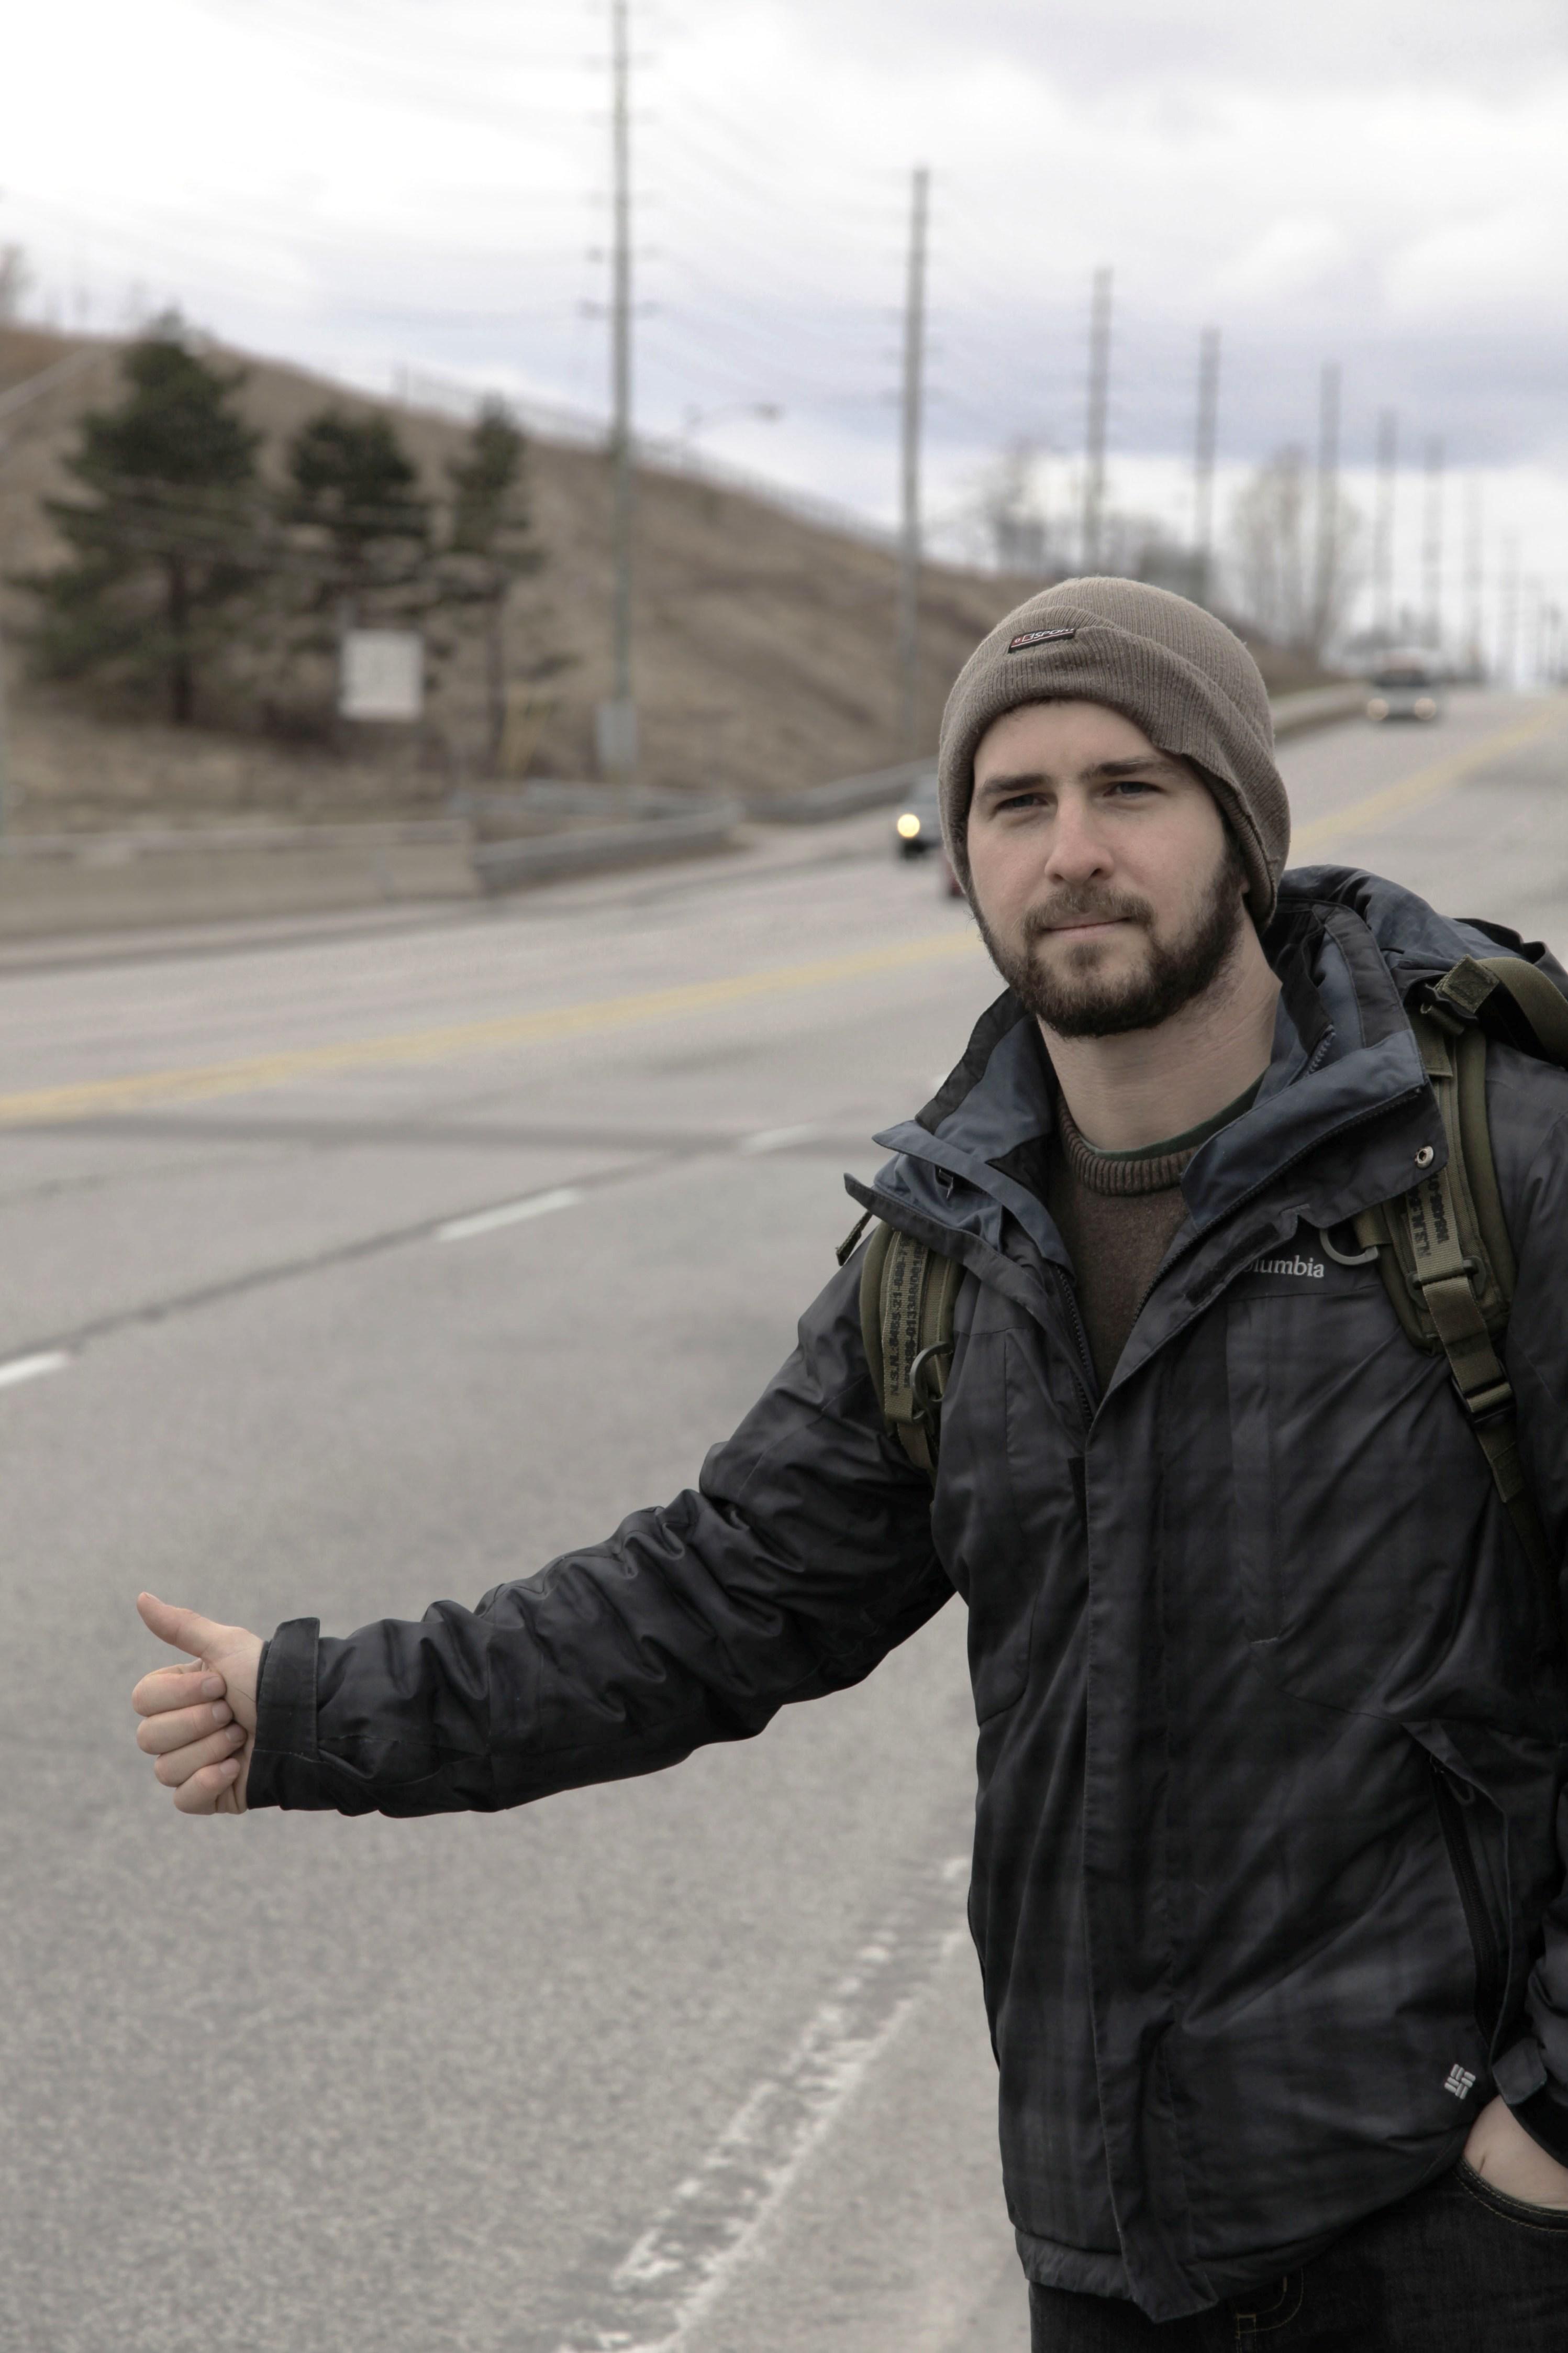 Nuova avventura per Igor, in autostop attreverso il Canada